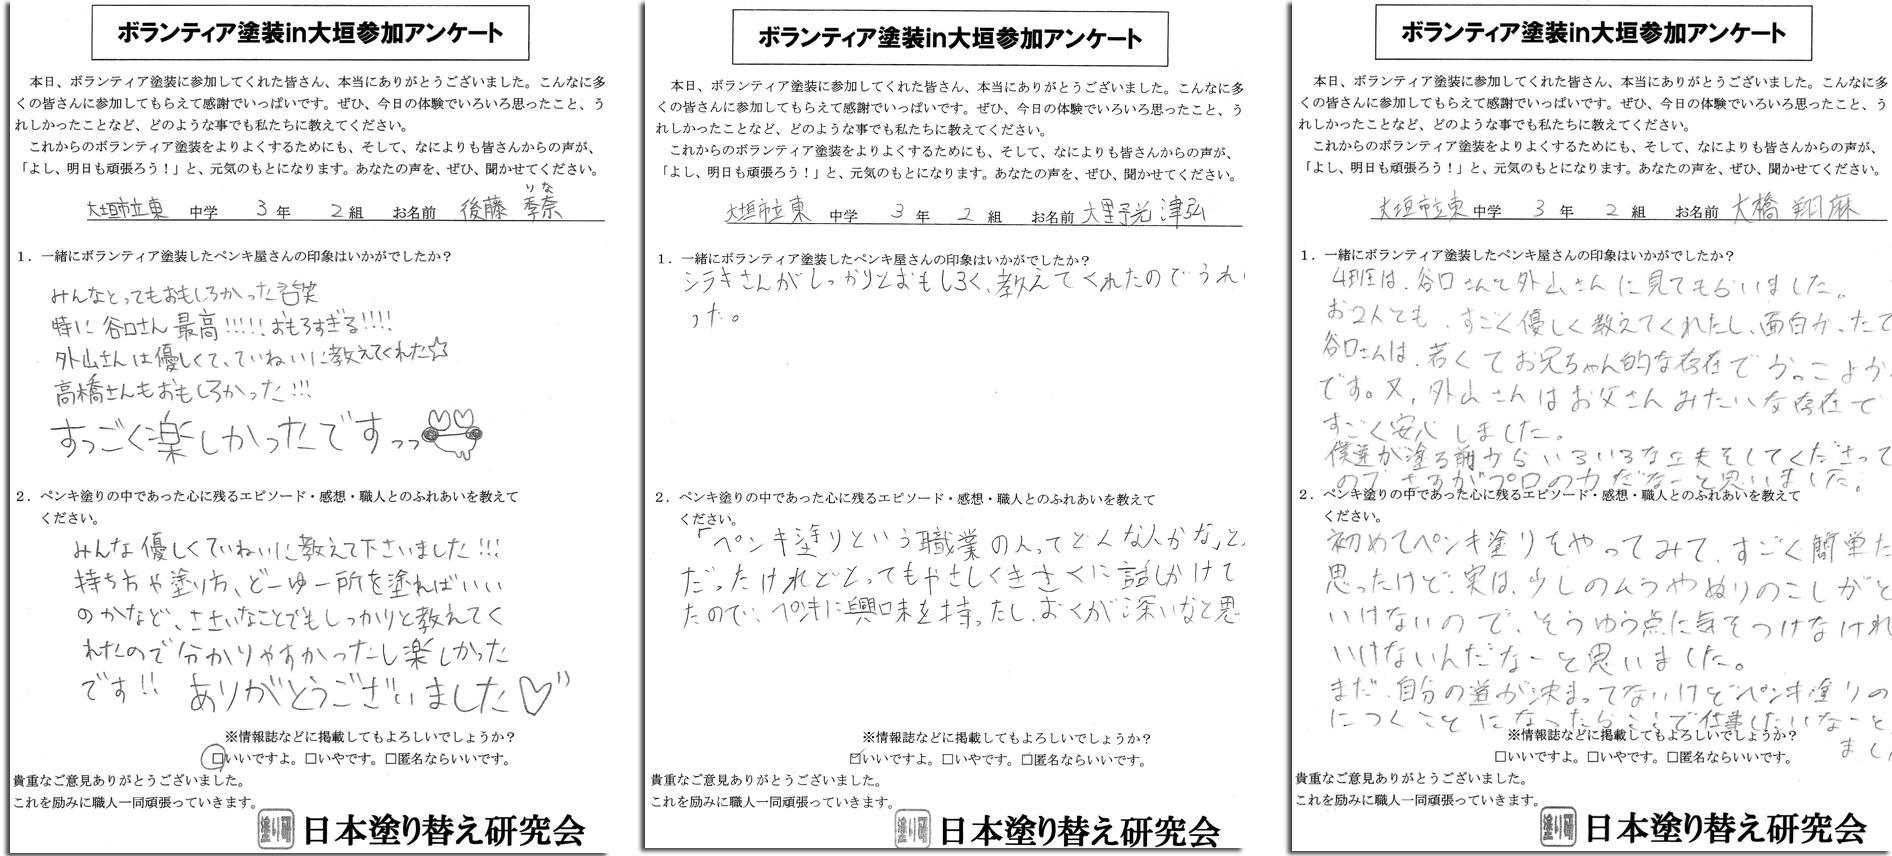 2010/10/16【10月例会】